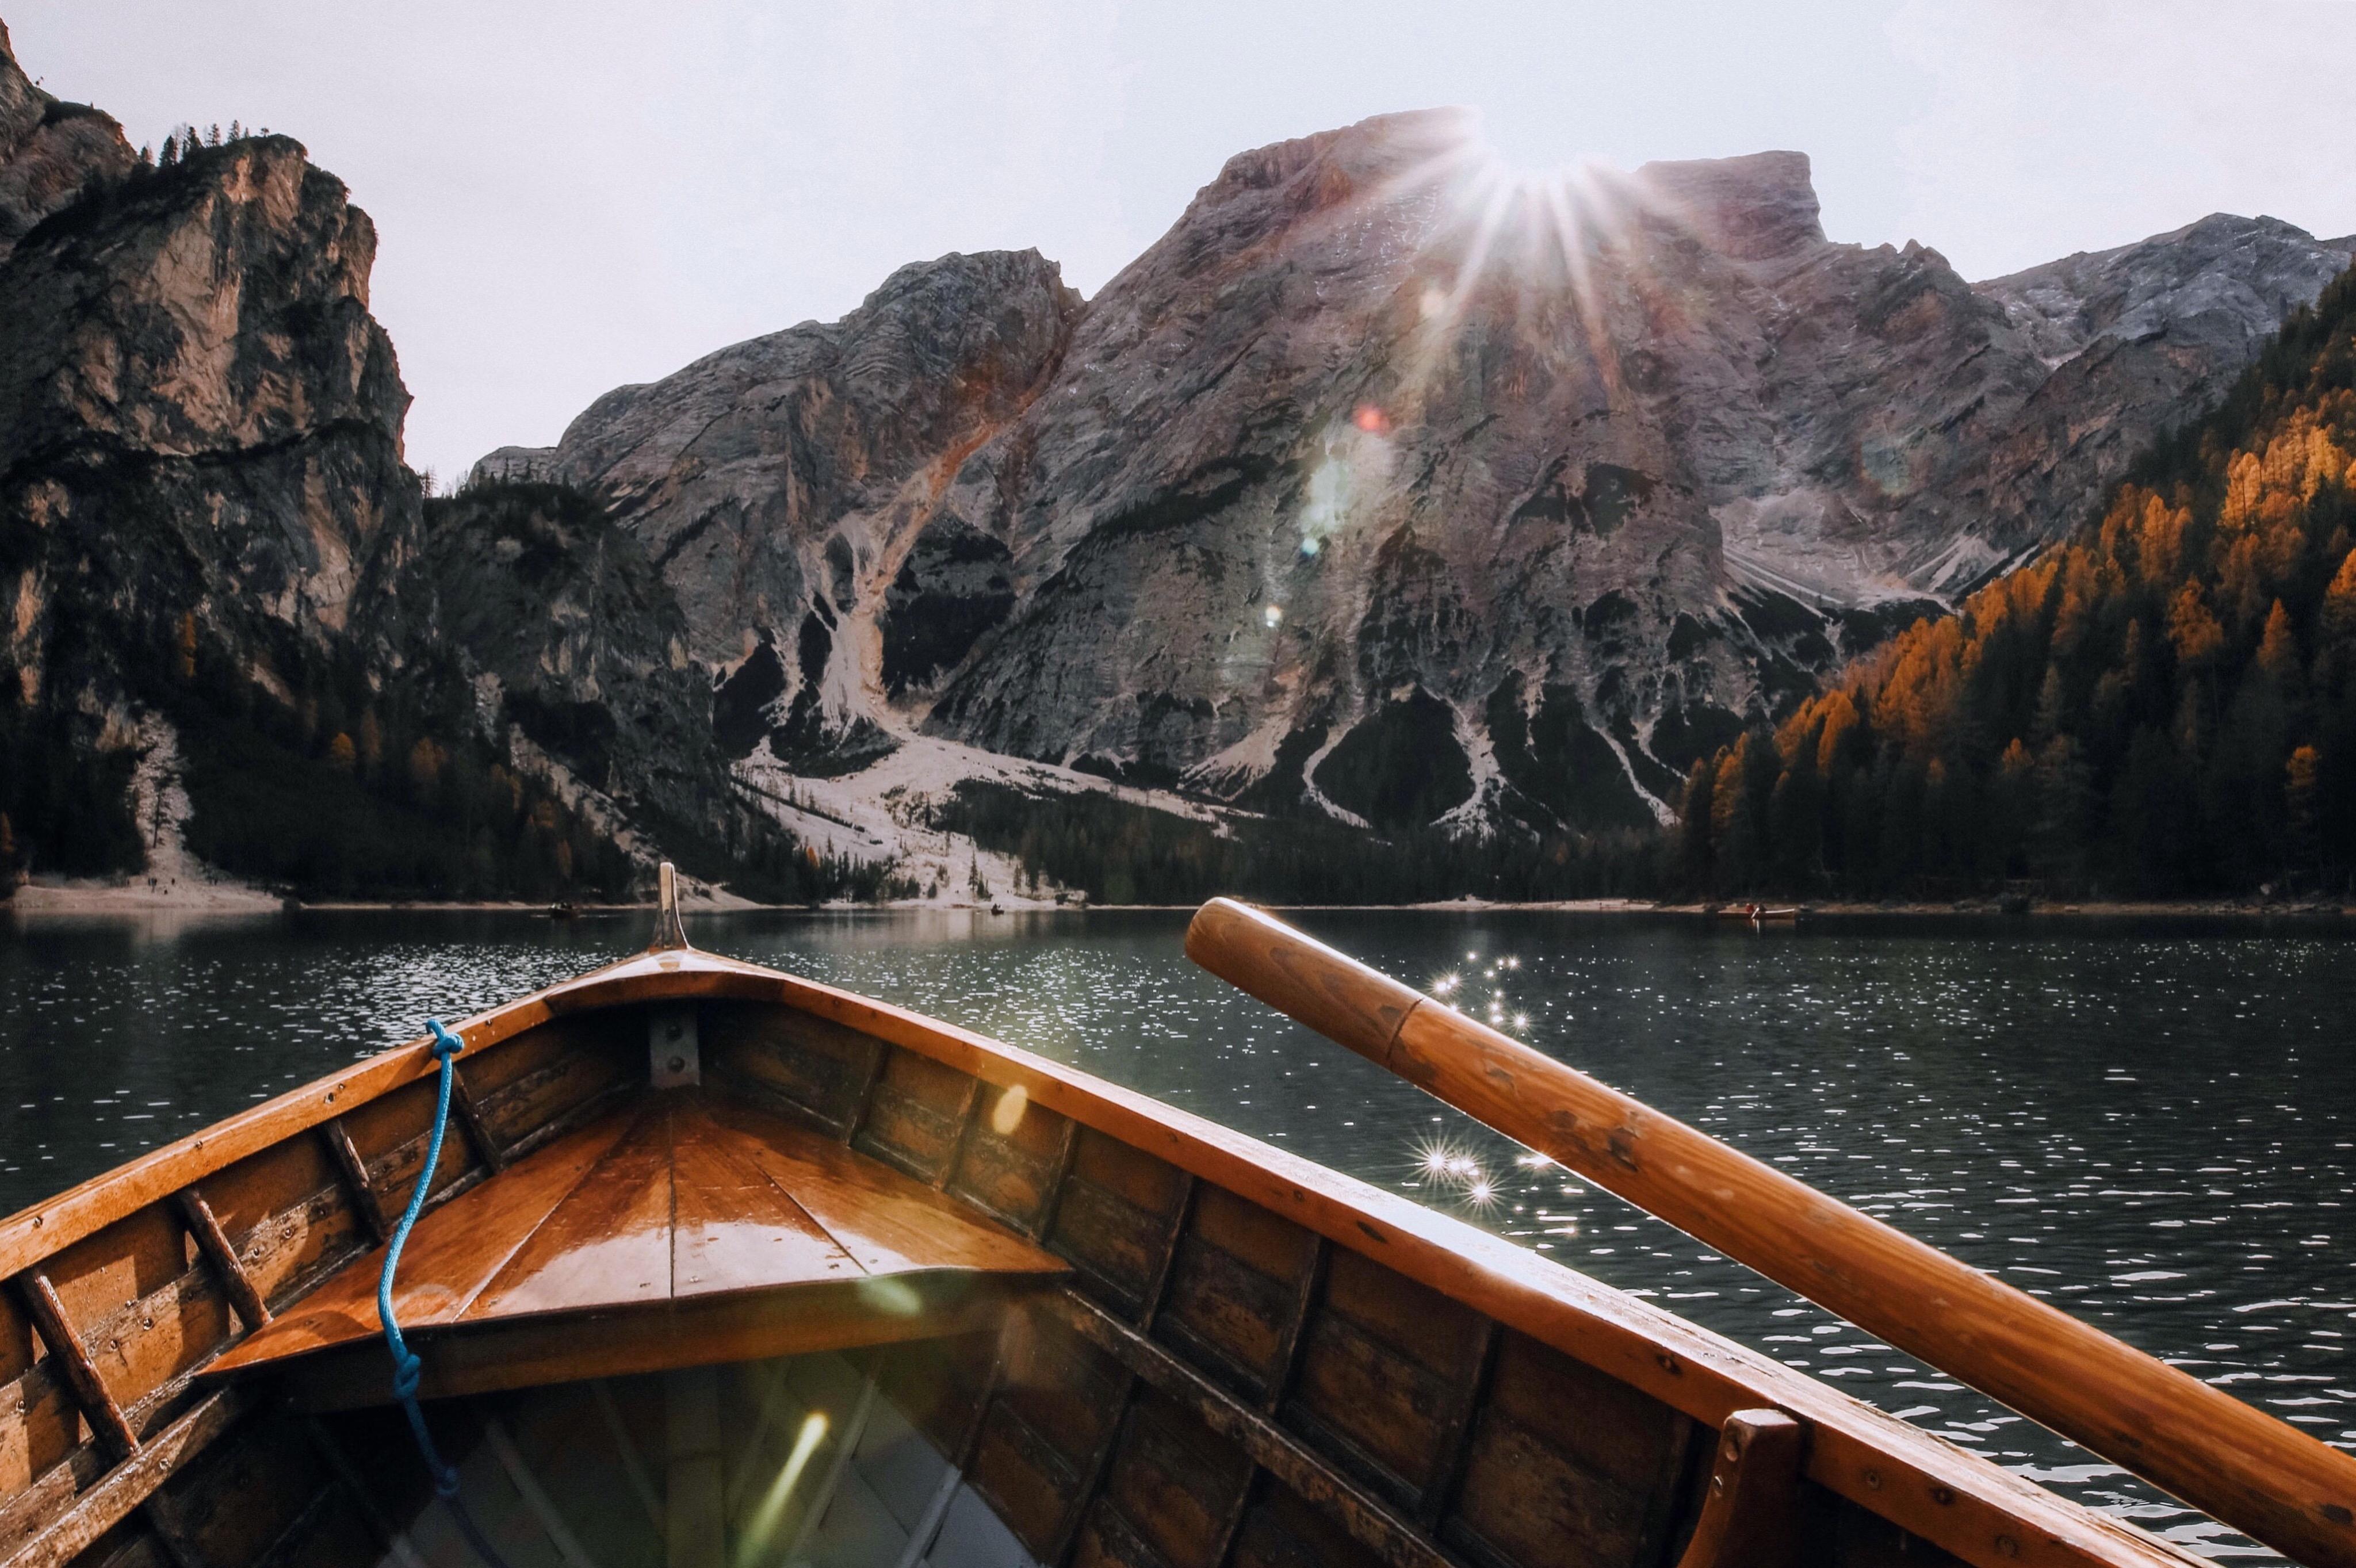 новые солнце в горах озеро яхты картинки для боулинга домом